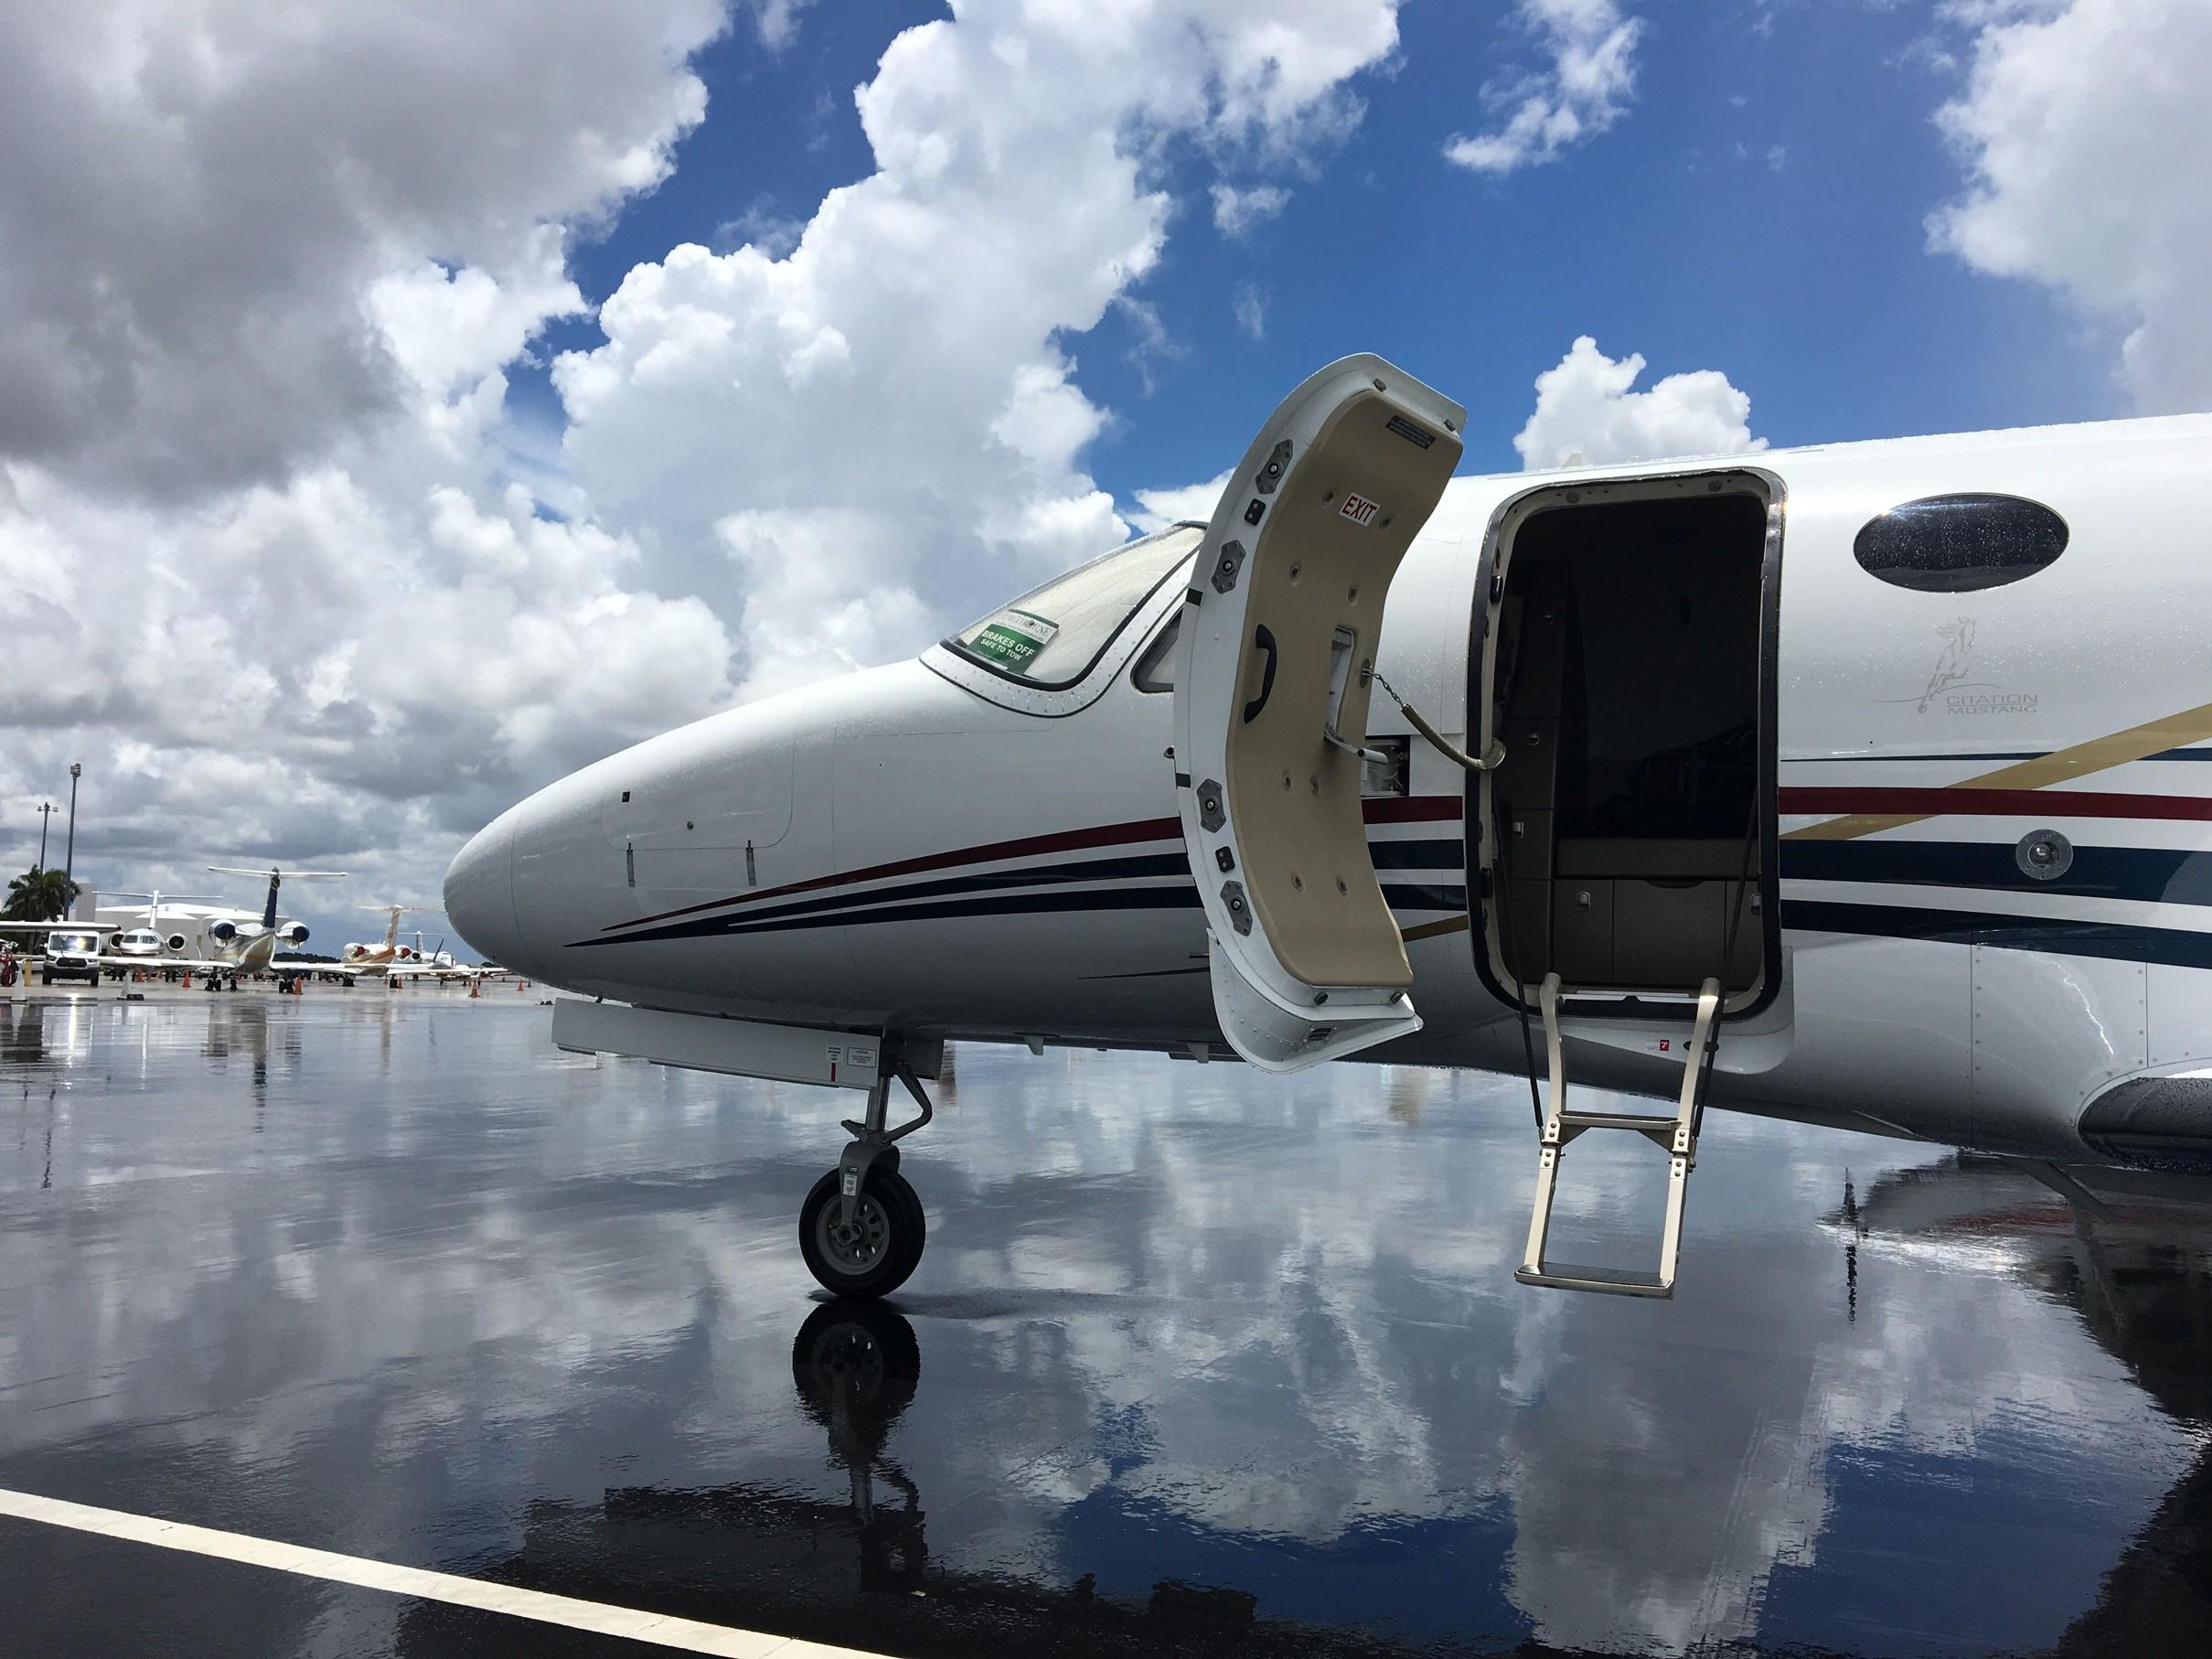 Prohlídka zánovního letadla Cessna Mustang na letišti Miami, Opa Locka (KOPF)